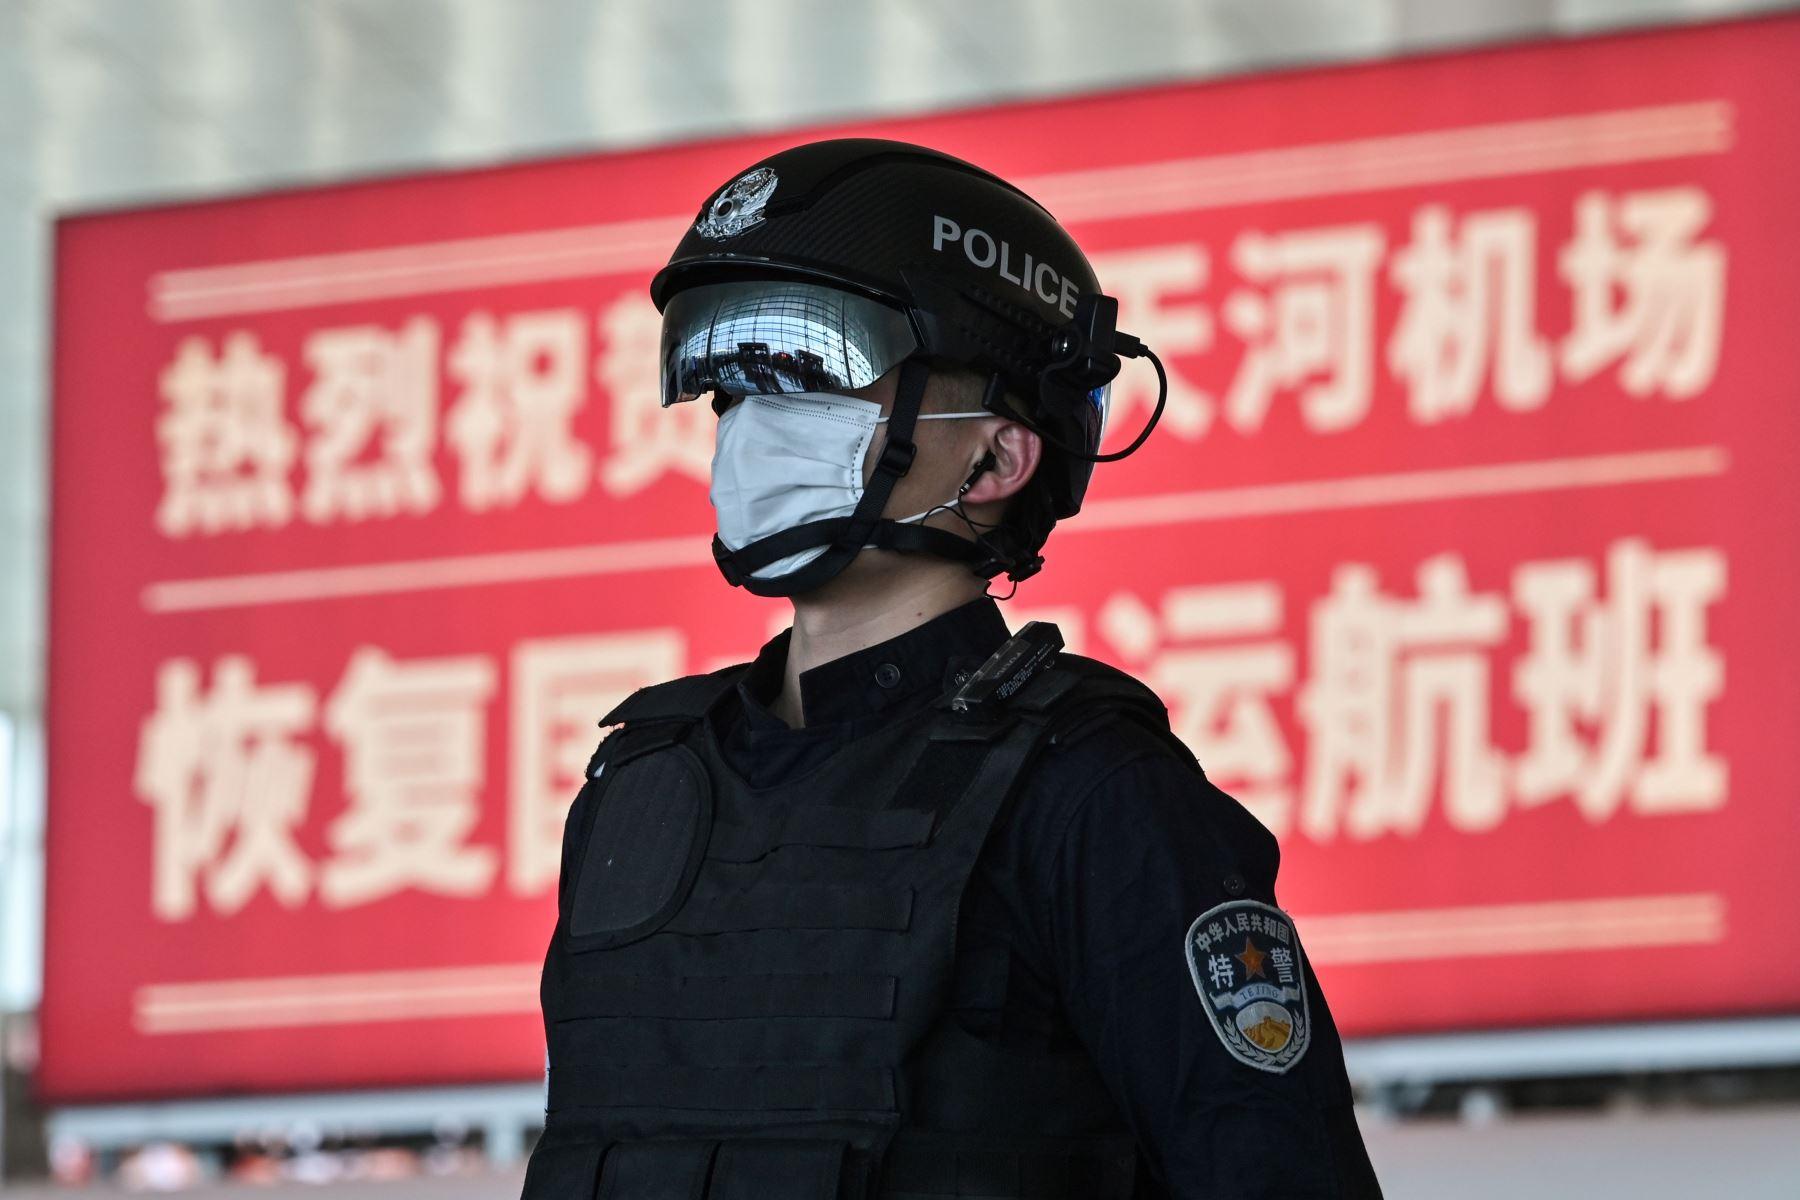 Un oficial de policía con una máscara facial hace guardia en el aeropuerto de Tianhe después de que fue reabierto en Wuhan, en la provincia central de Hubei, China. Foto: AFP